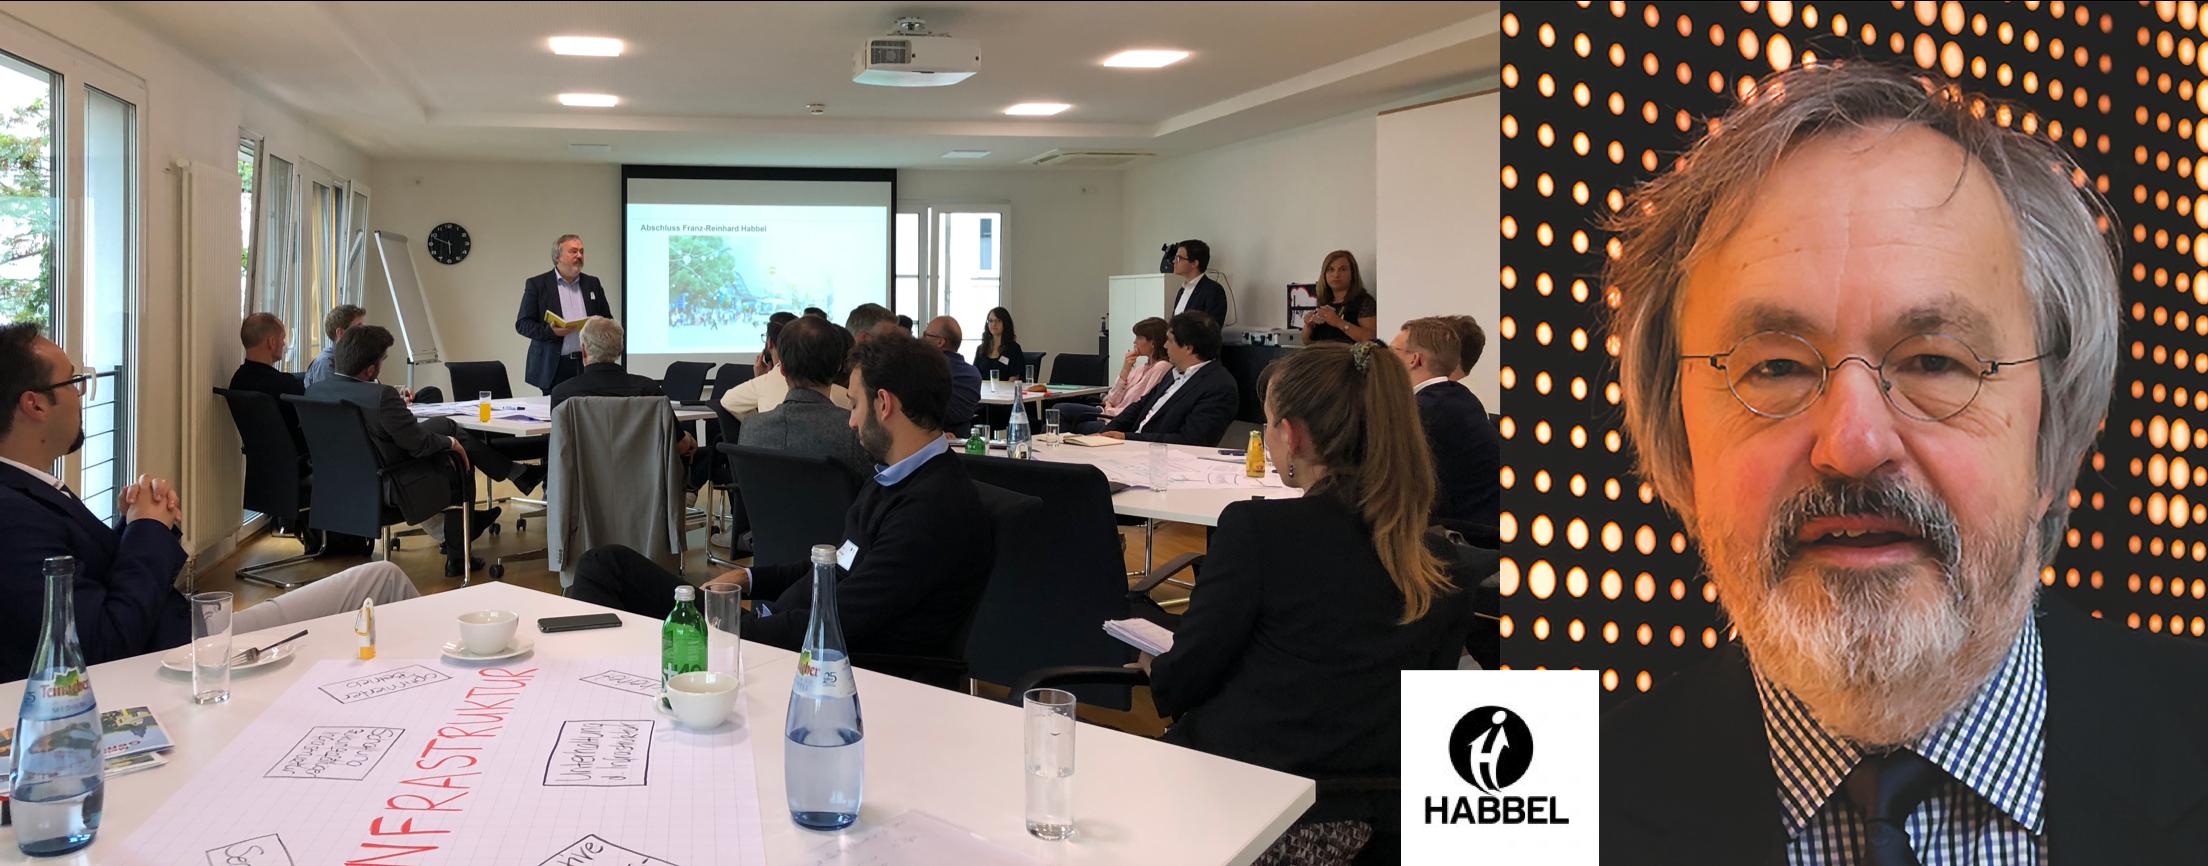 smoope im Gespräch: Digitalisierung in Städten und Gemeinden – Franz-Reinhard Habbel über die notwendige Kooperation zwischen Startups und Kommunen